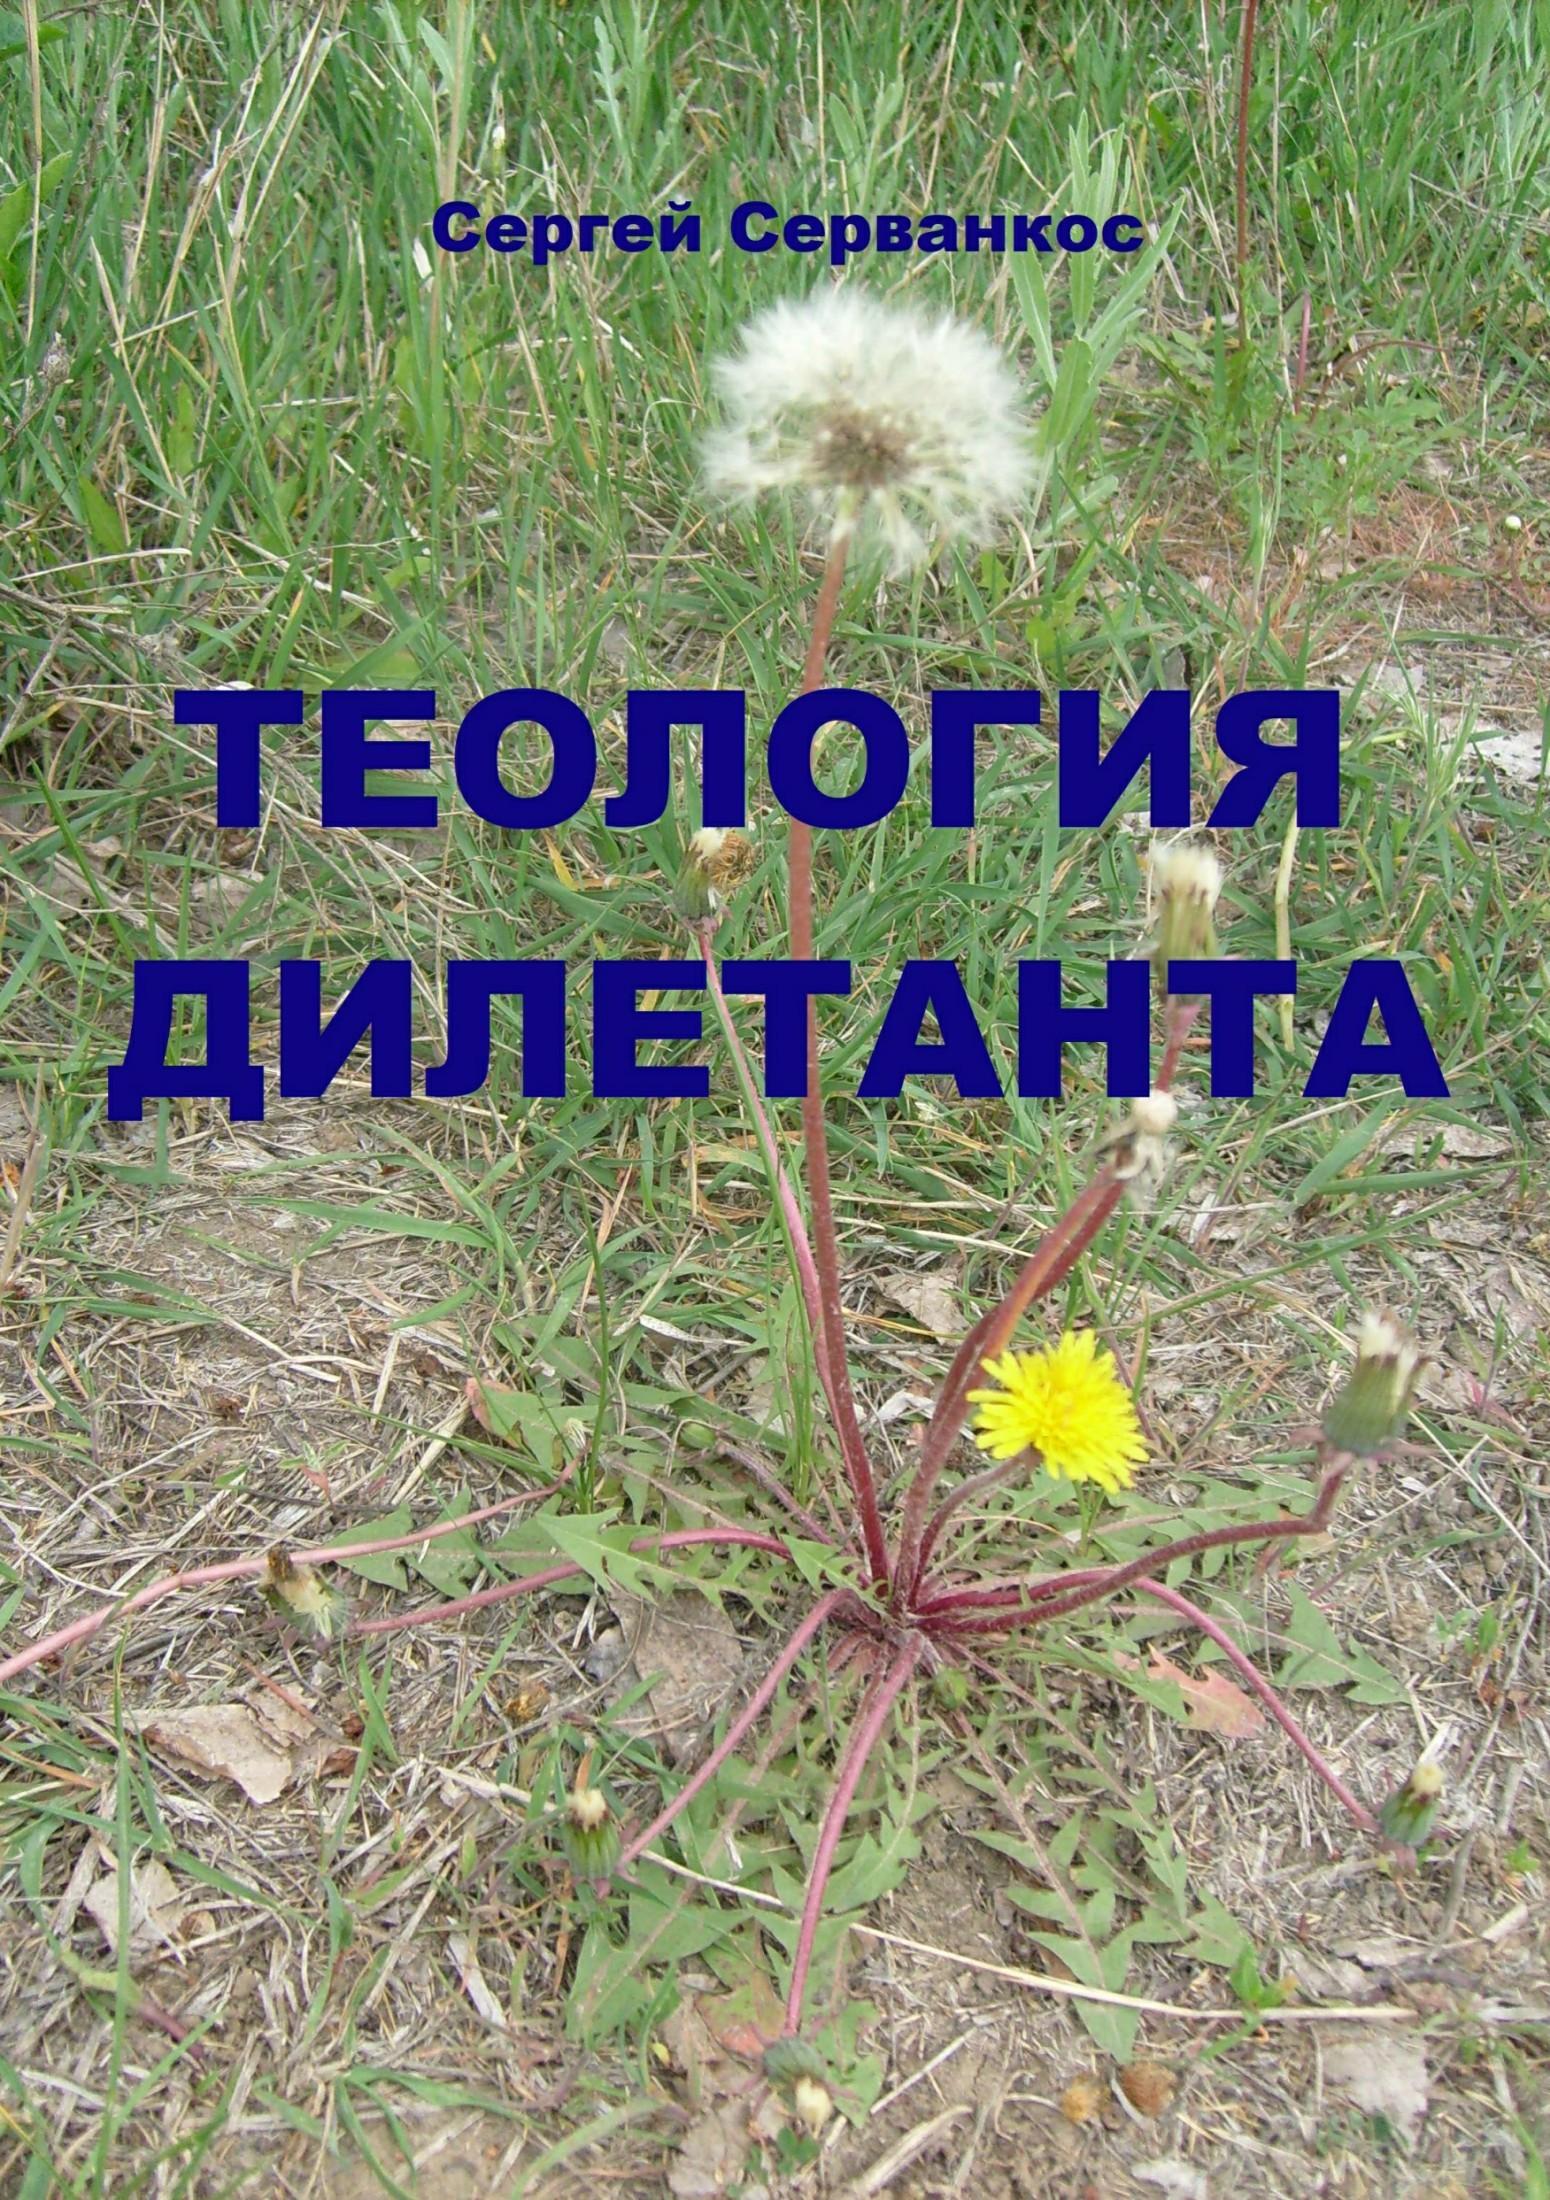 купить Сергей Иванович Серванкос Теология дилетанта по цене 49.9 рублей